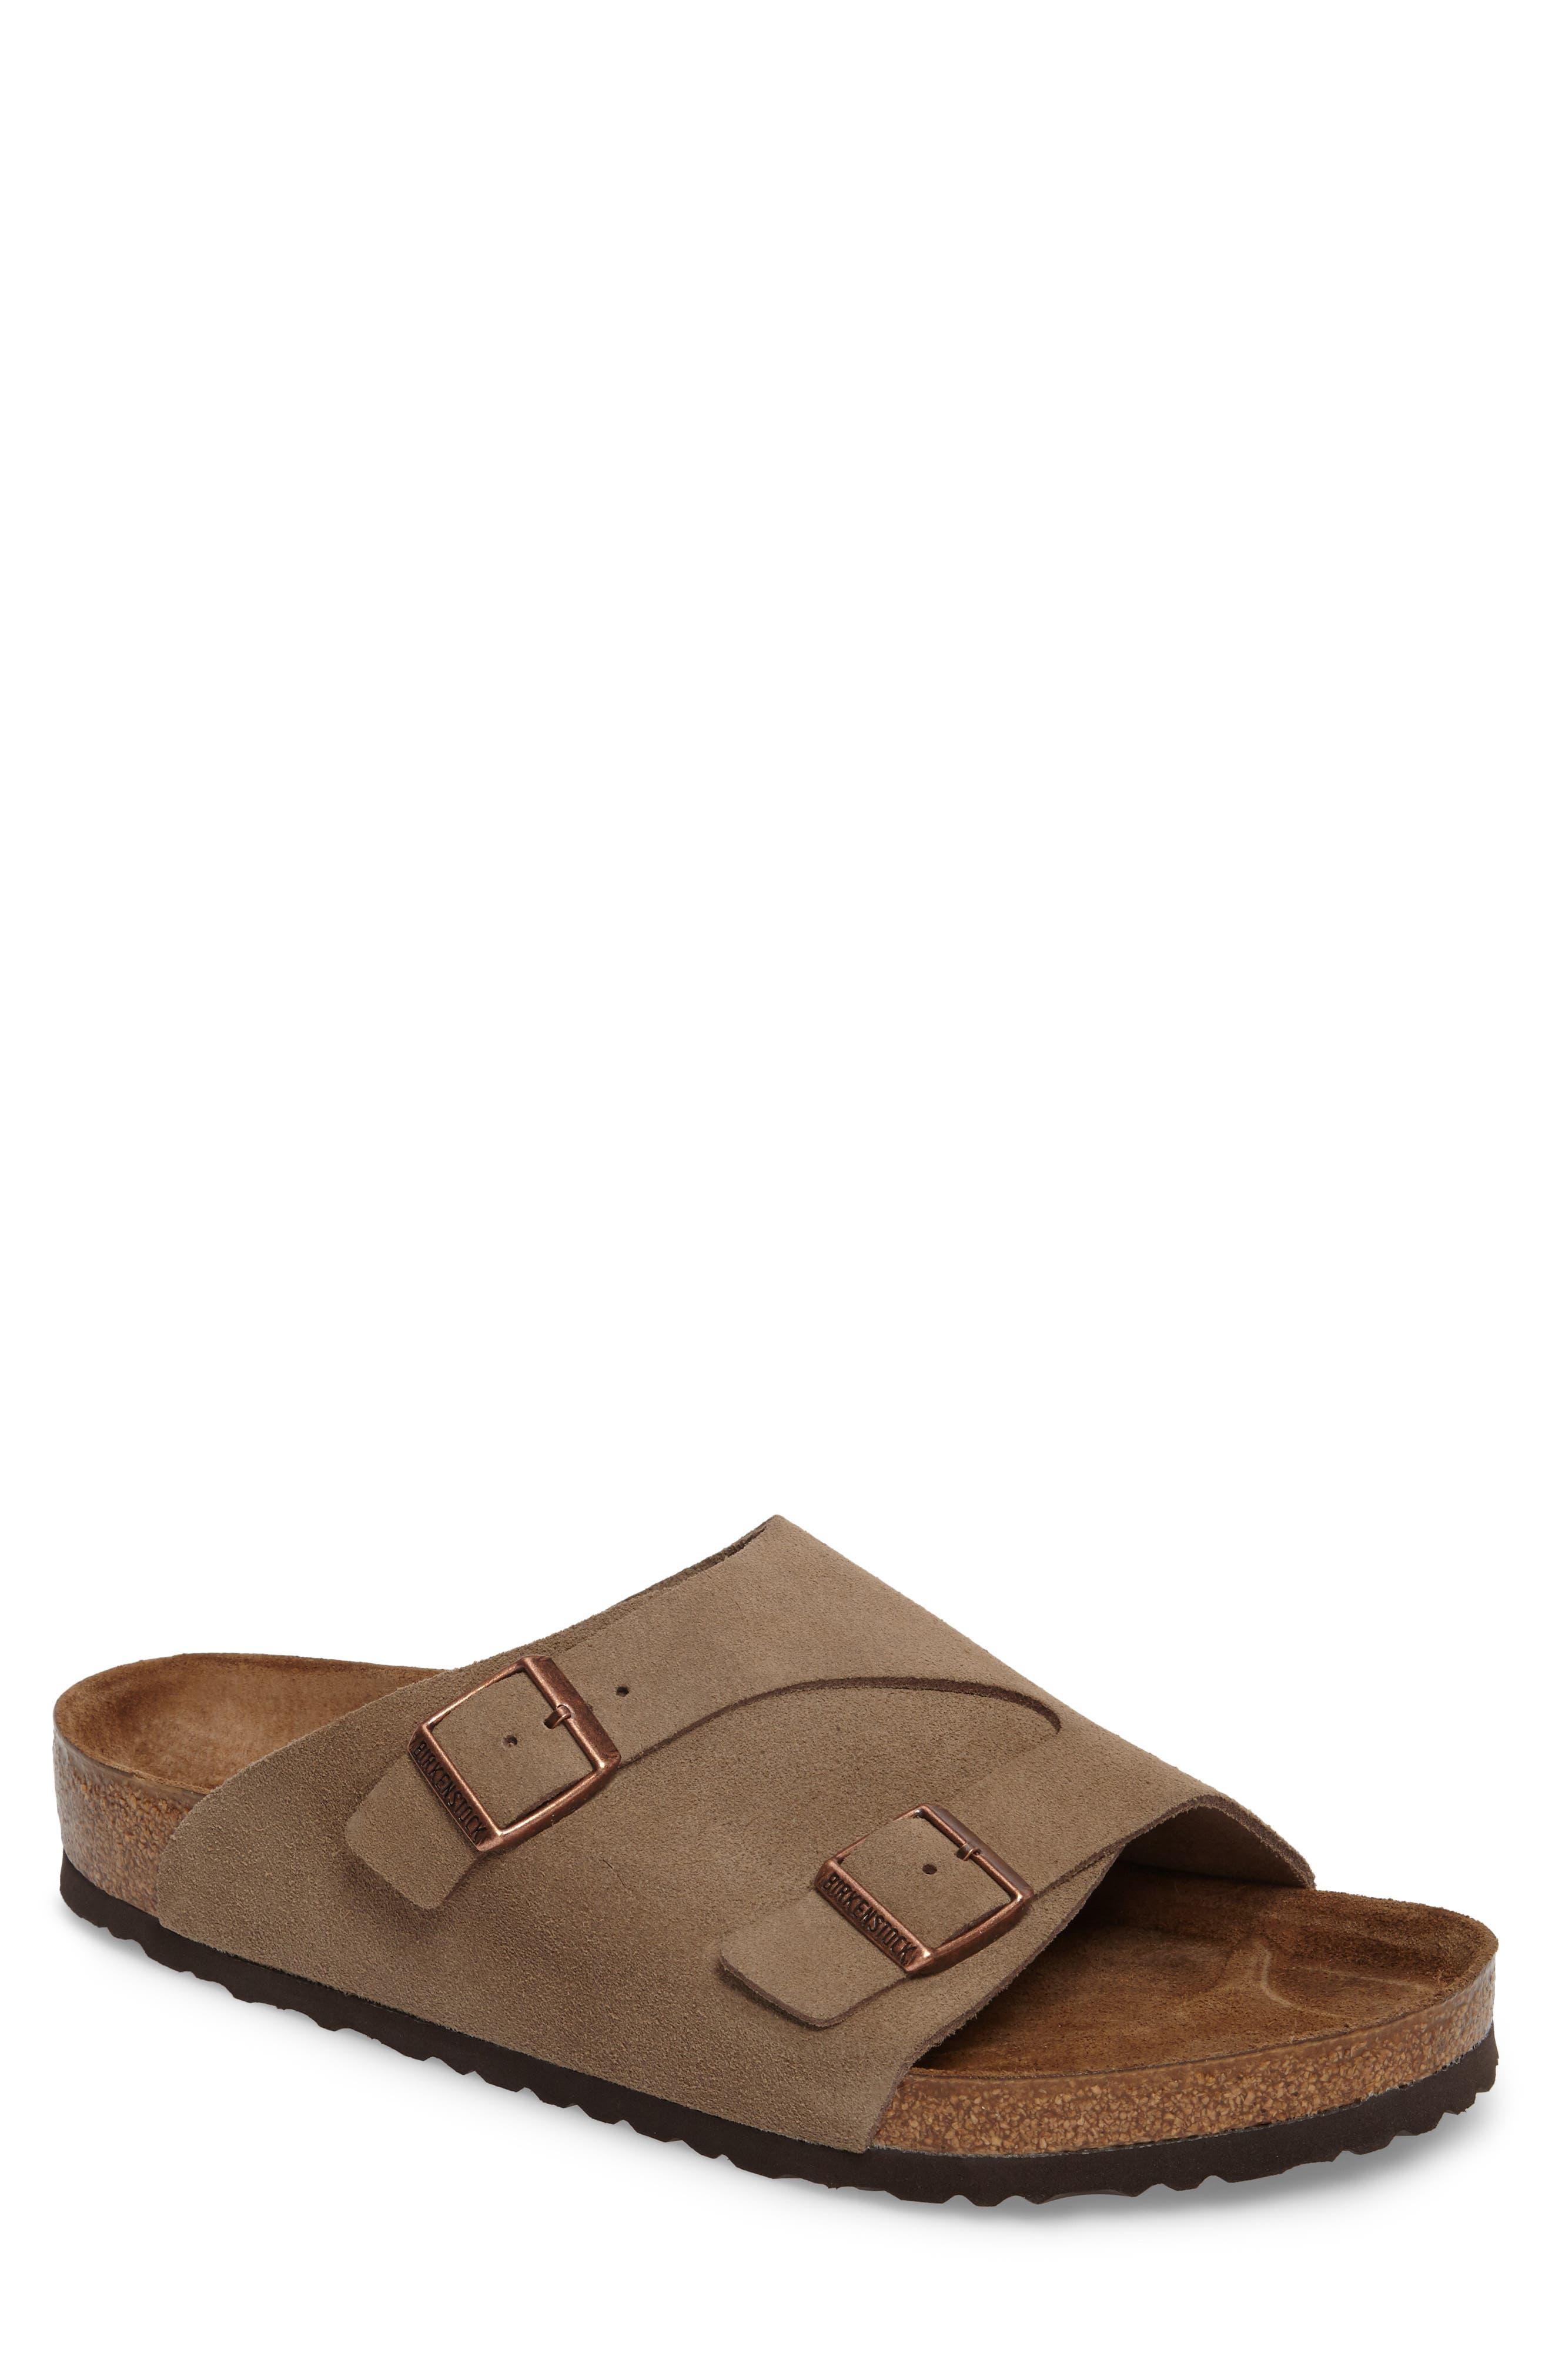 Main Image - Birkenstock Zurich Slide Sandal (Men)